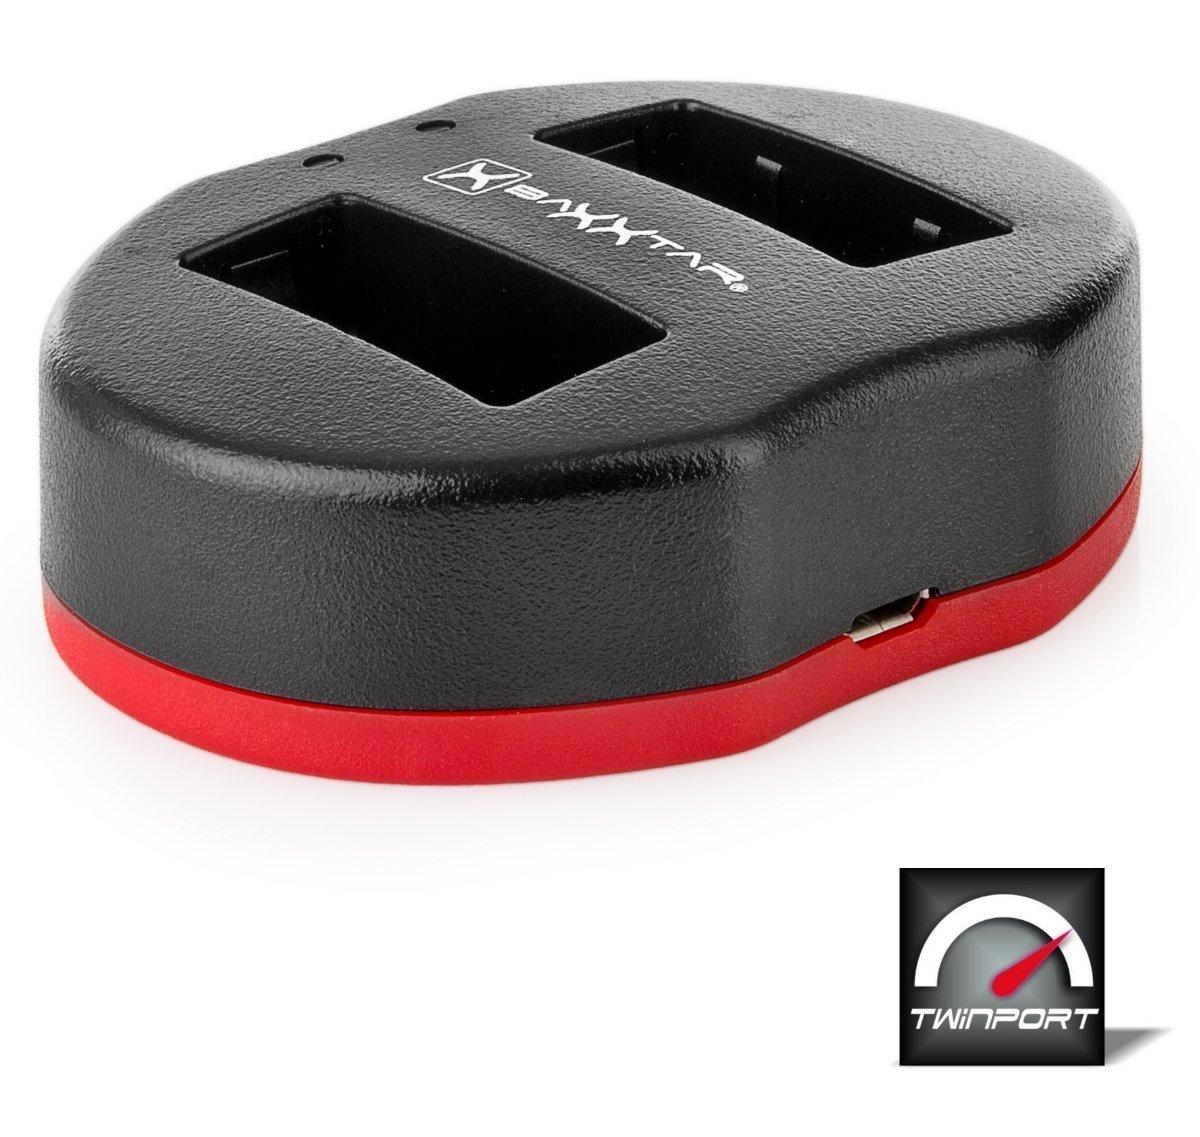 Baxxtar USB Dual Cargador Twin Port 1817 para la bater/ía Canon LP-E17 a Canon EOS 77D 200D 750D 760D 800D M3 M5 M6 I II etc.